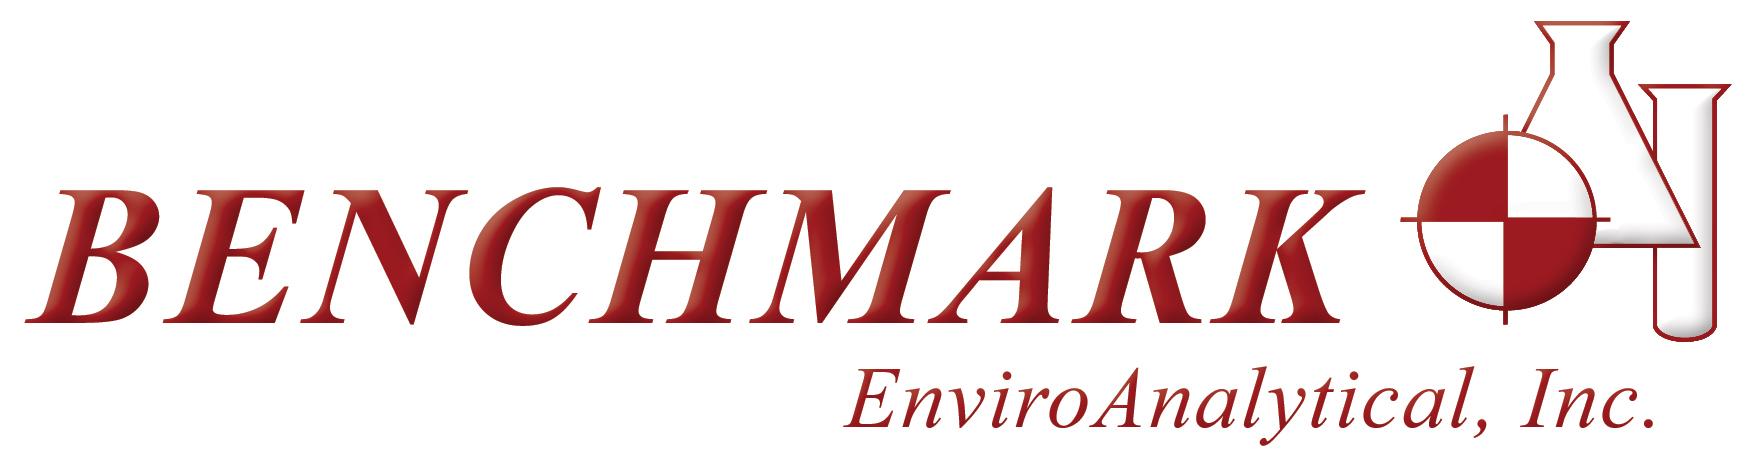 LCF World Lemur Festival 2021 Sponsor Benchmark EnviroAnalytical, Inc.